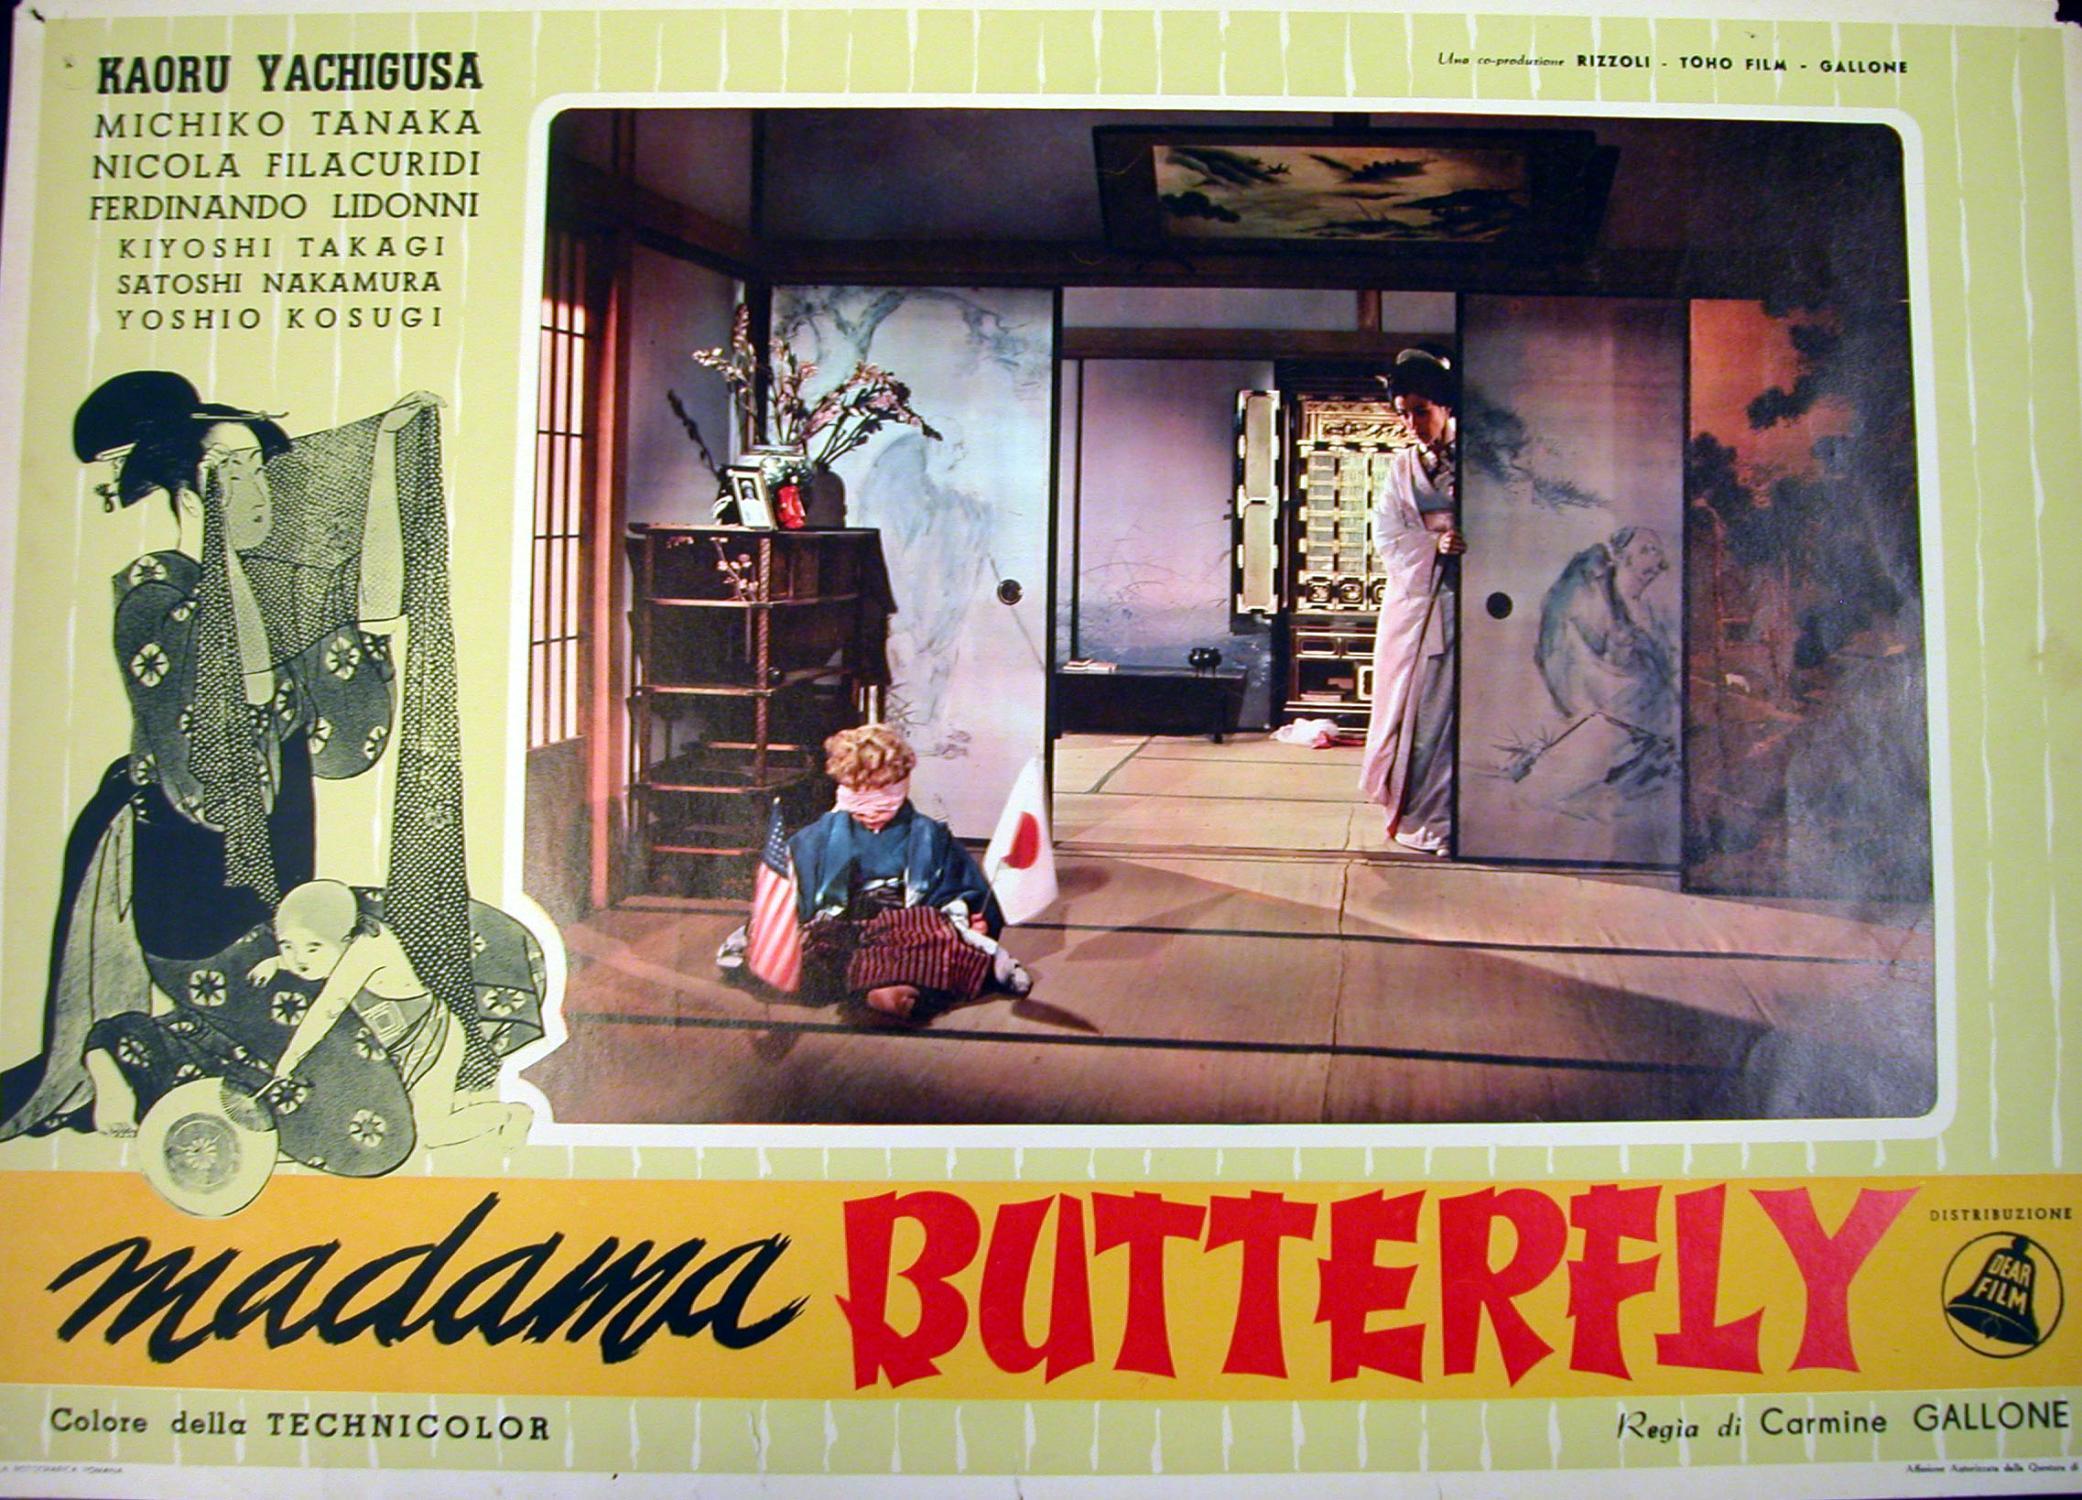 """Locandina cinematografica di propaganda del film """"Madame Butterfly"""" di Carmine Gallone, ..."""